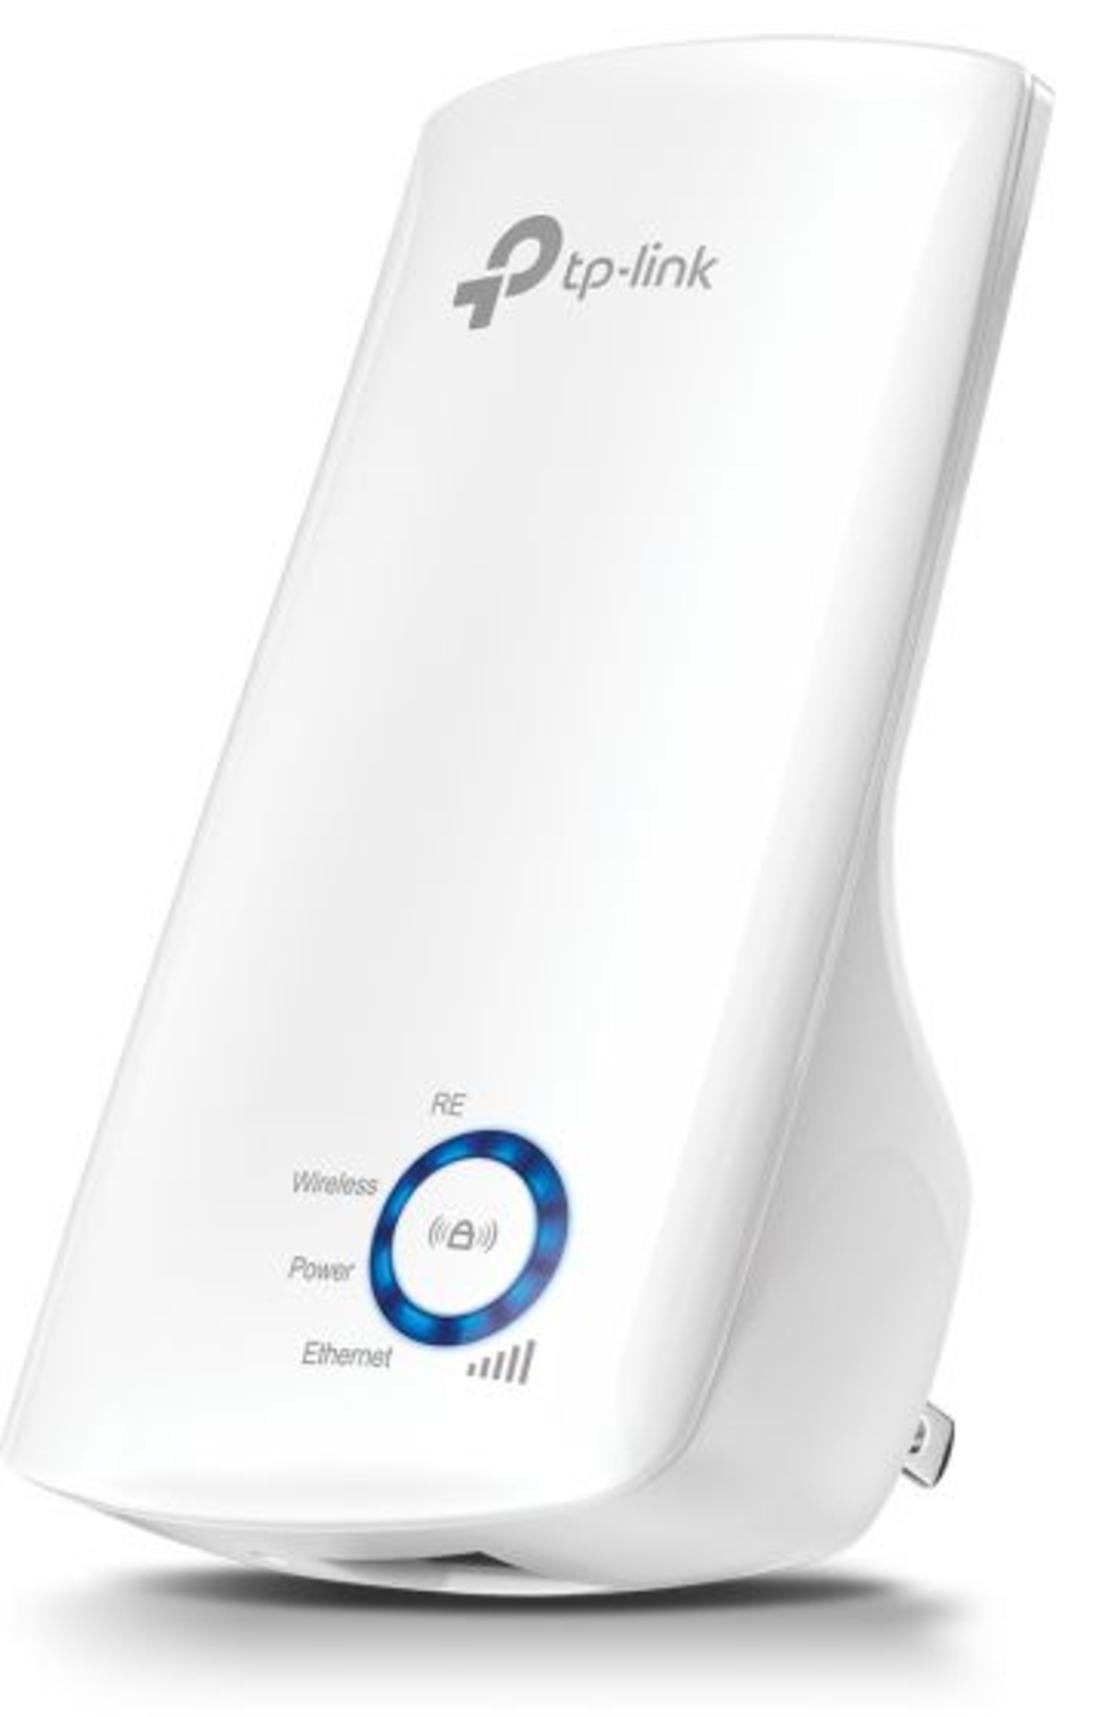 נקודת גישה TP-LINK 300Mbps Universal Range Extender TL-WA850RE